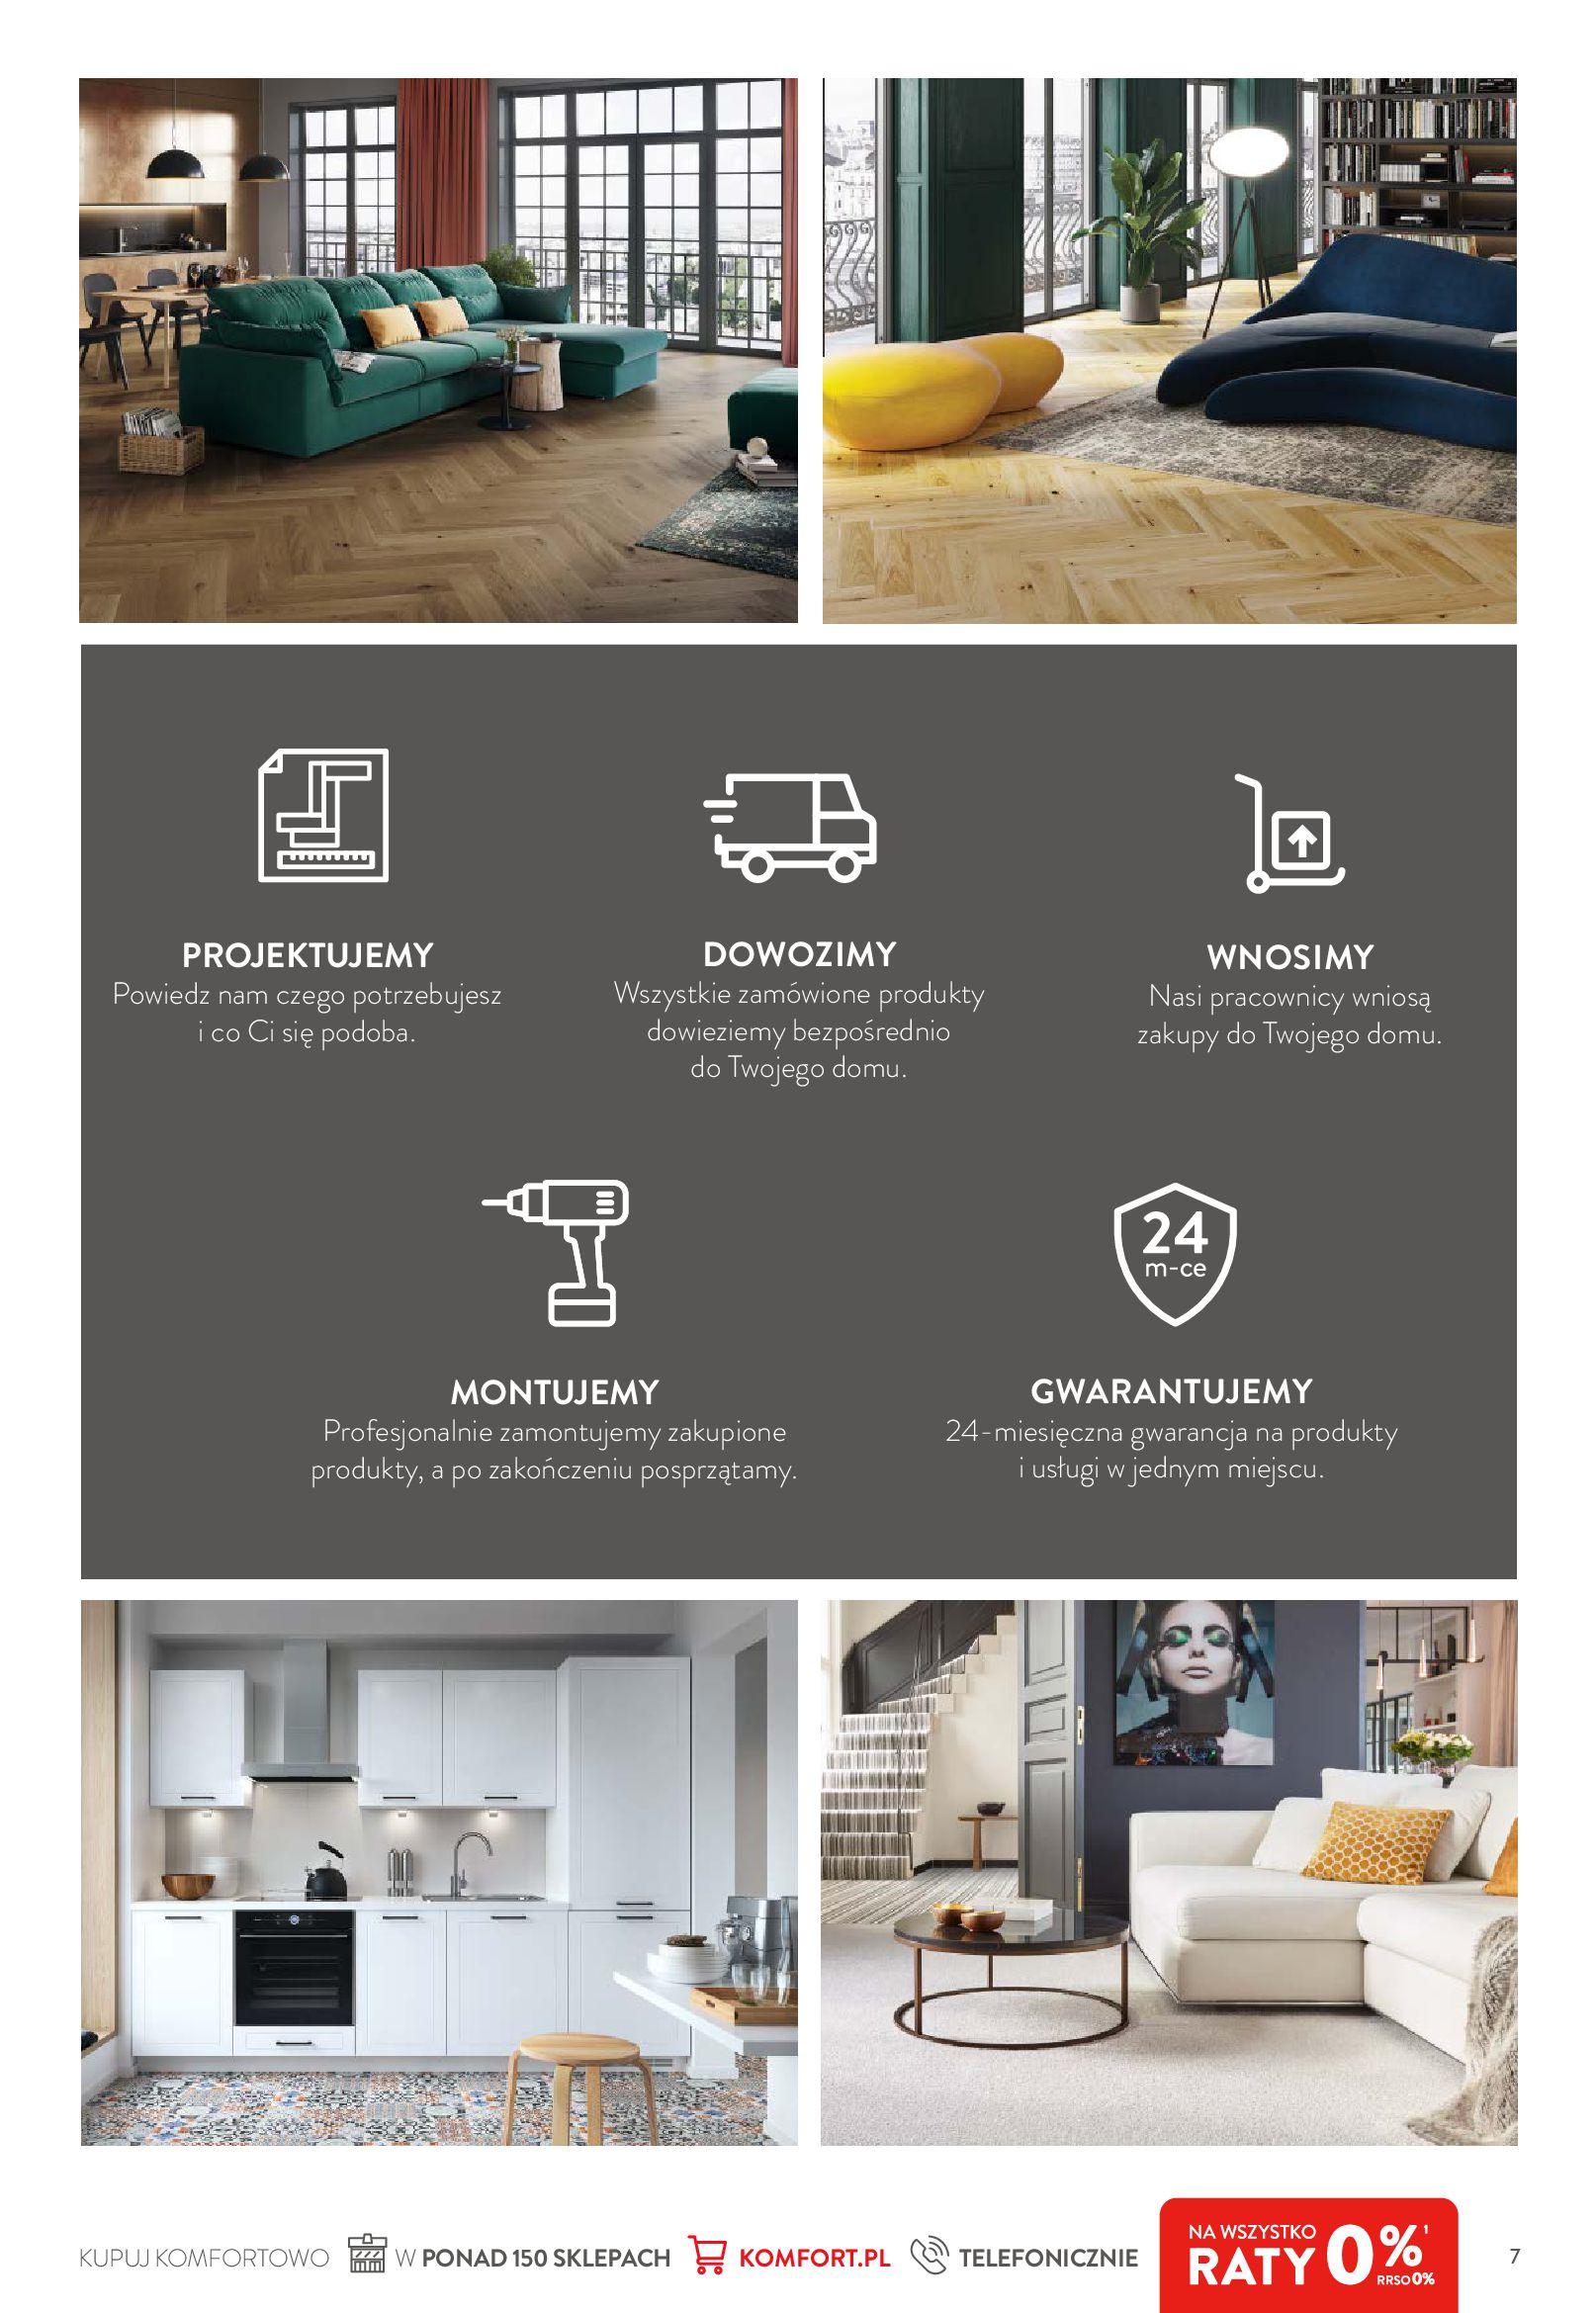 Gazetka Komfort: Komfortuj swoje życie 2021-04-21 page-7